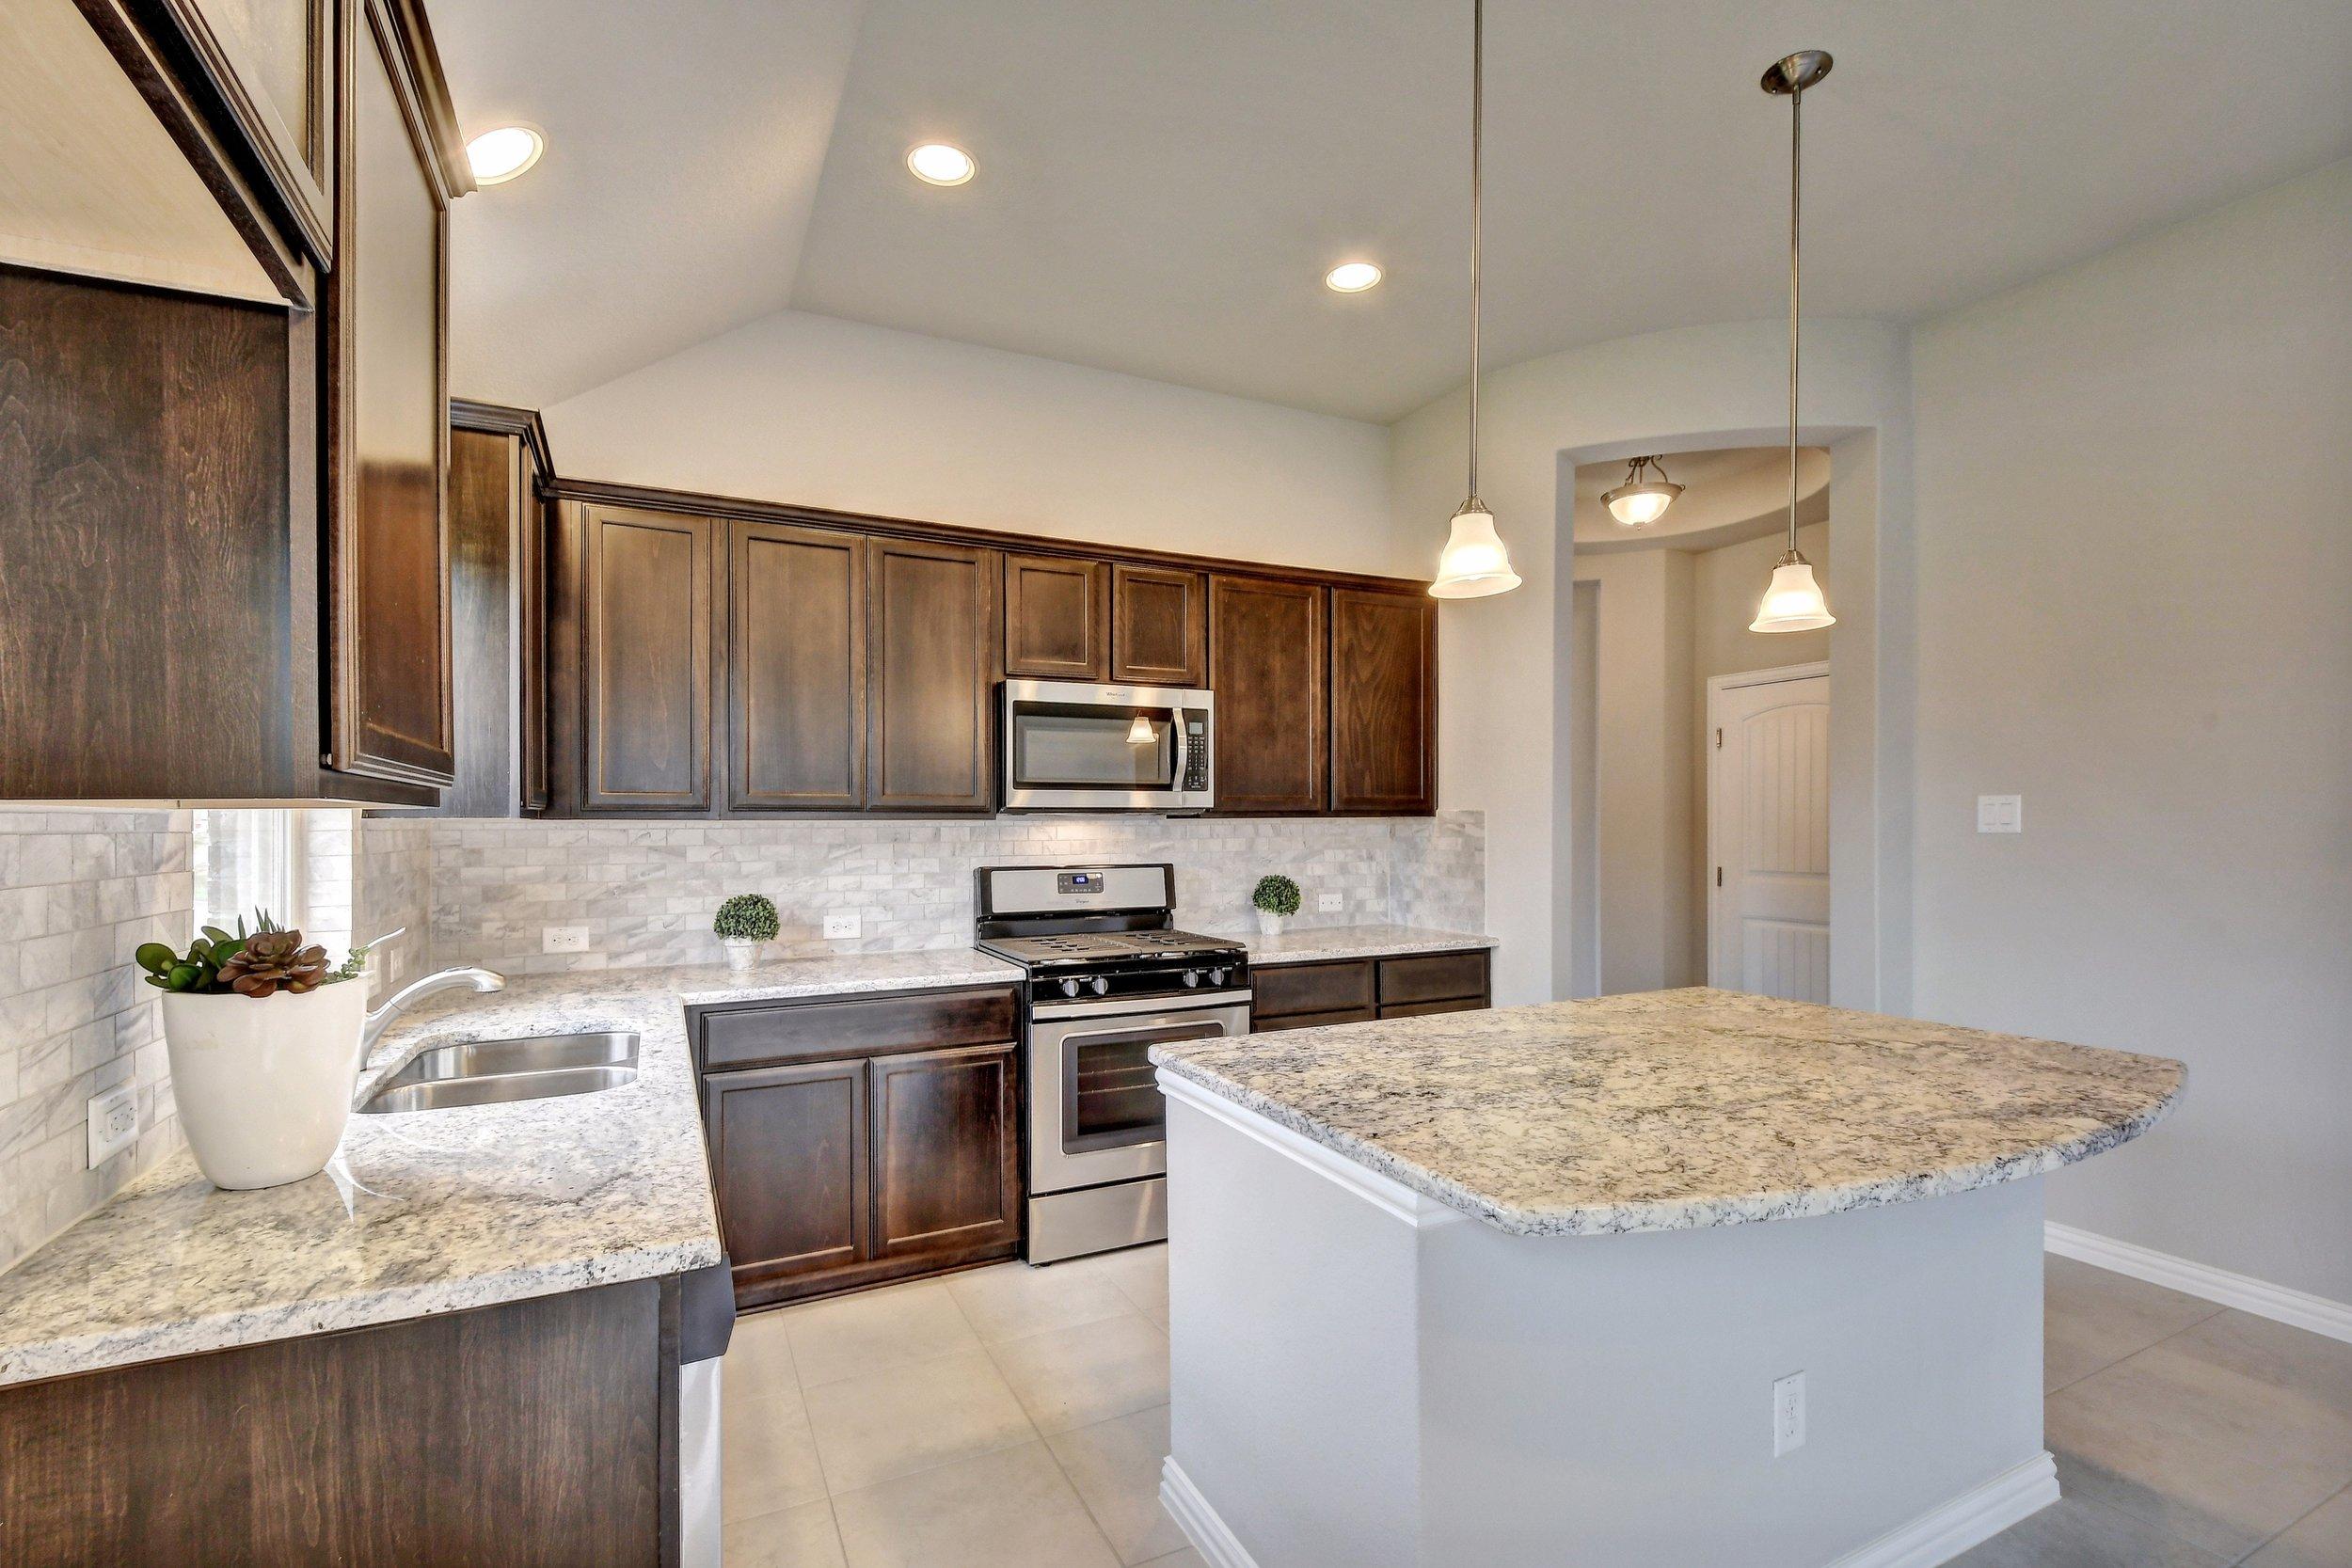 014-250445-Kitchen and Breakfast 248_5660277.jpg